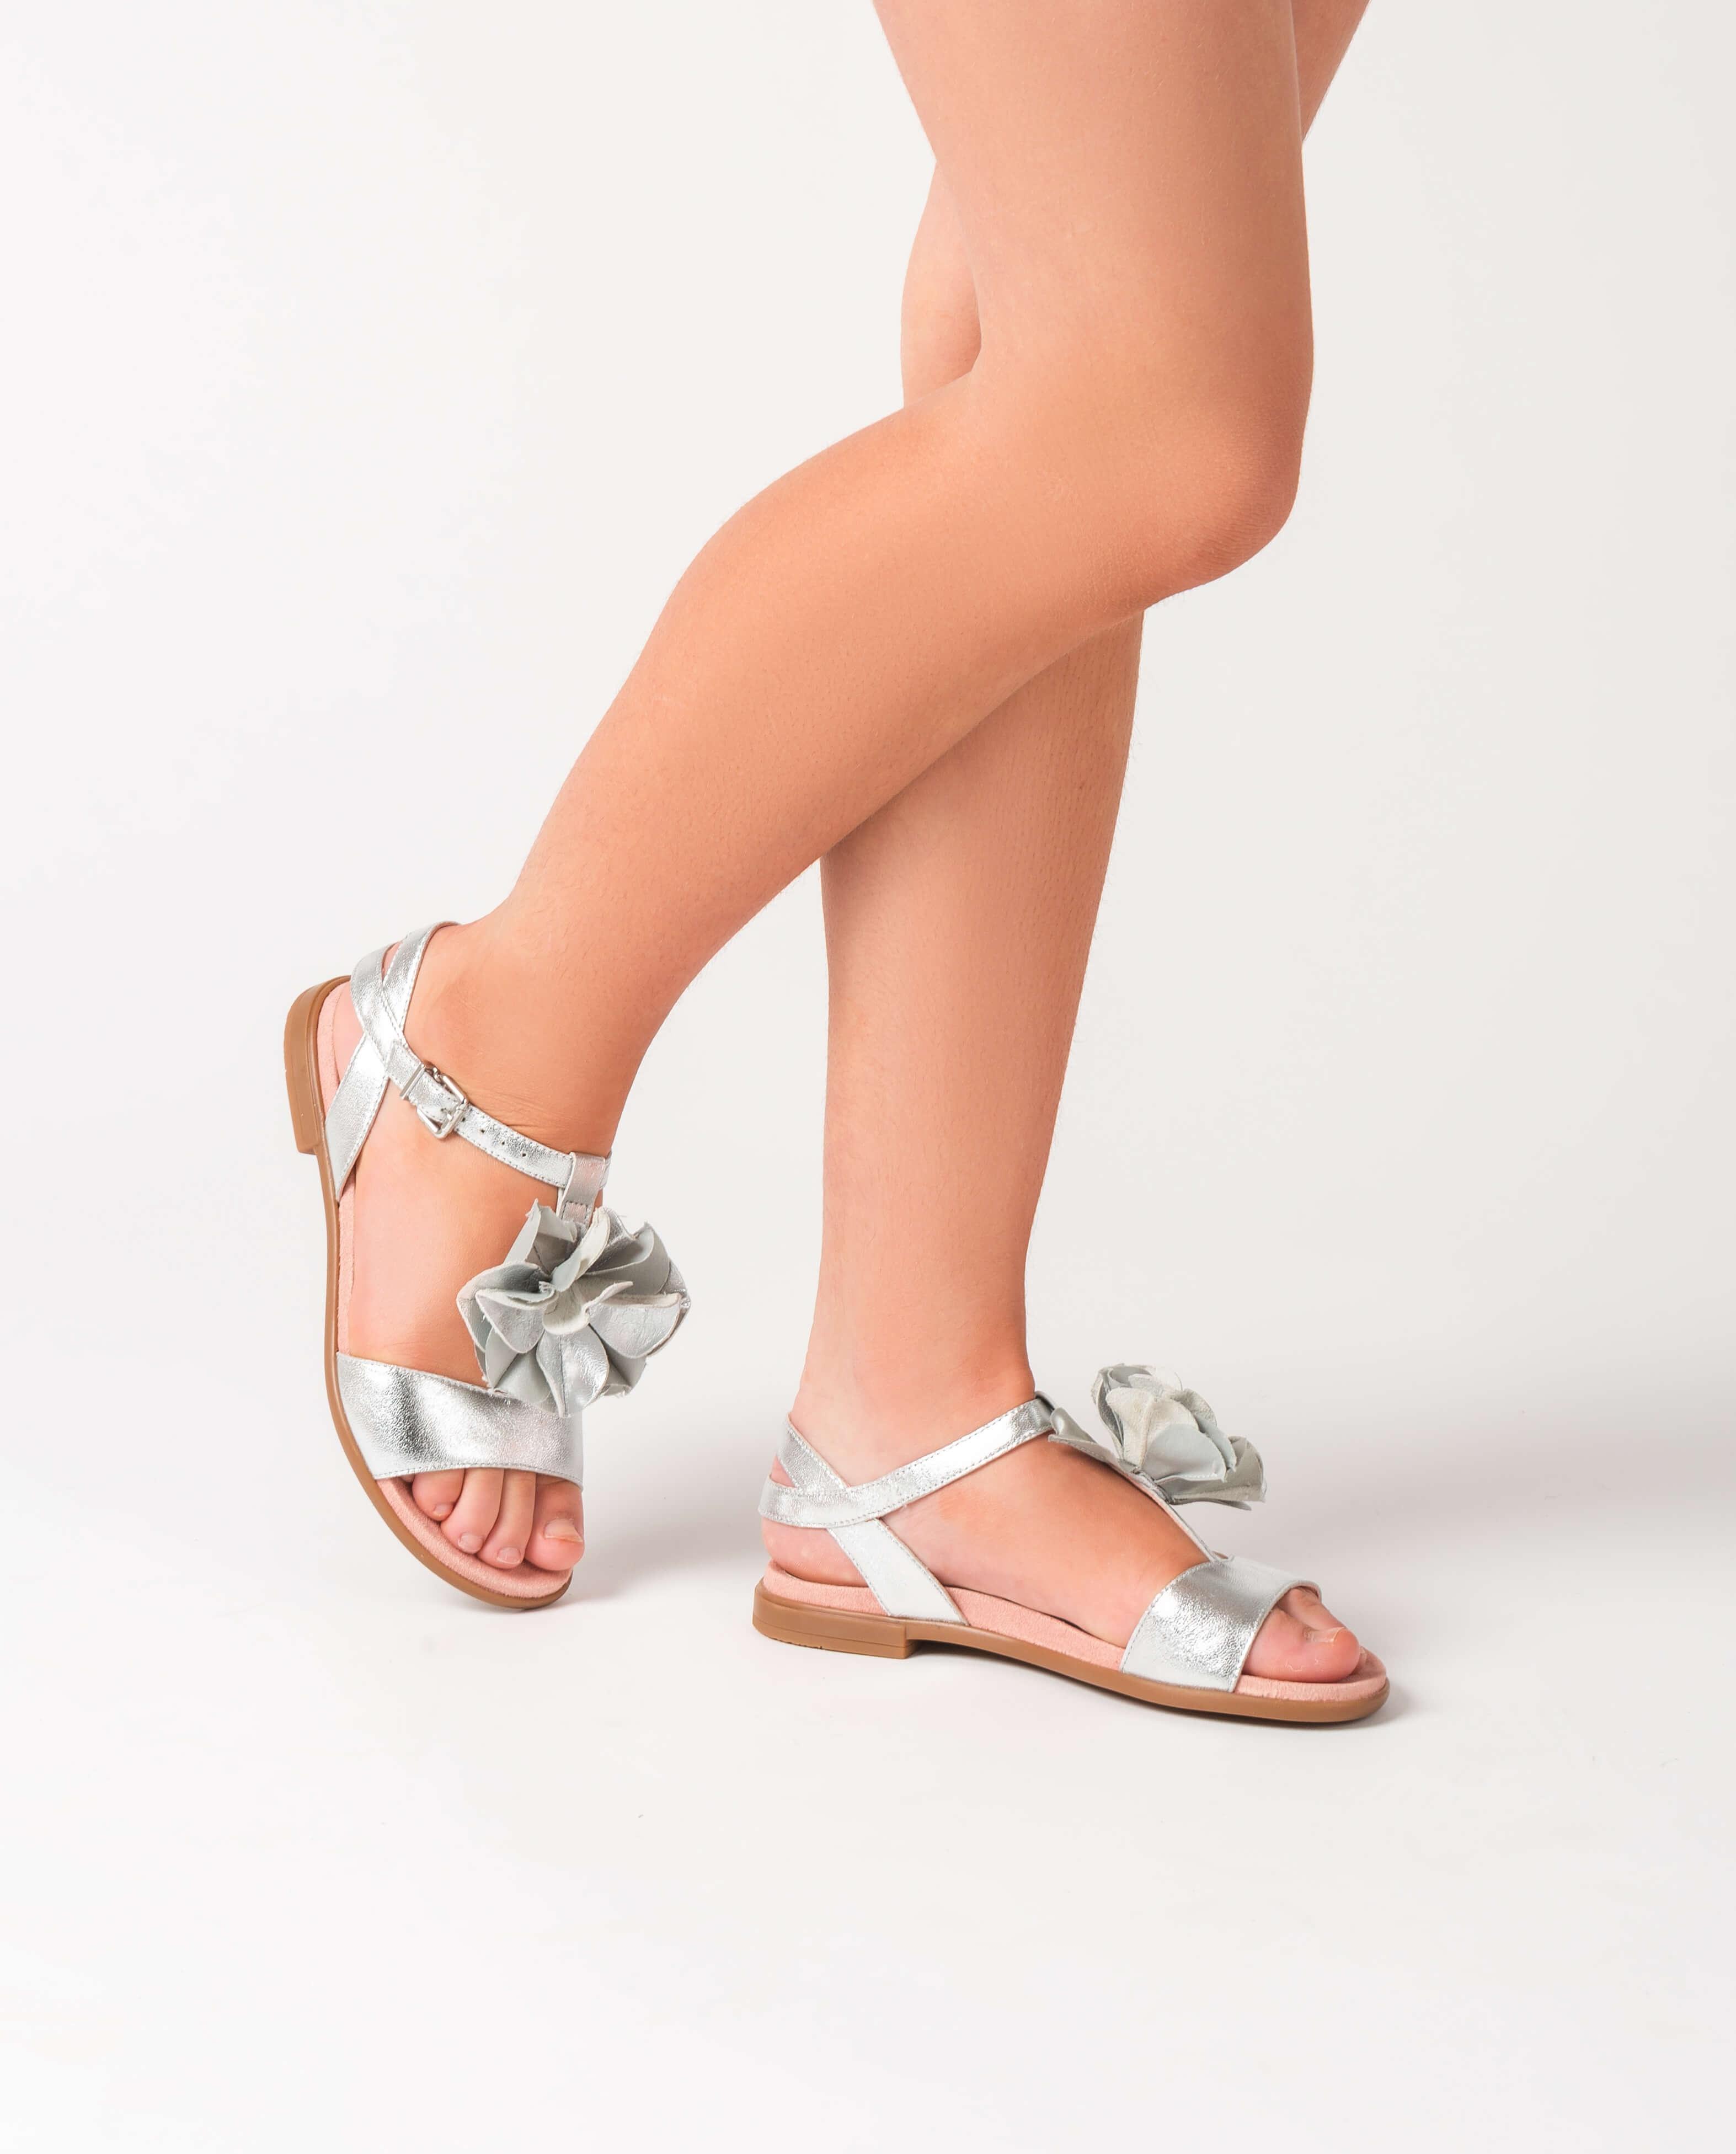 UNISA Mädchensandalen mit Metallic-Effekt und Blüte LUCK_C_LMT silver 5